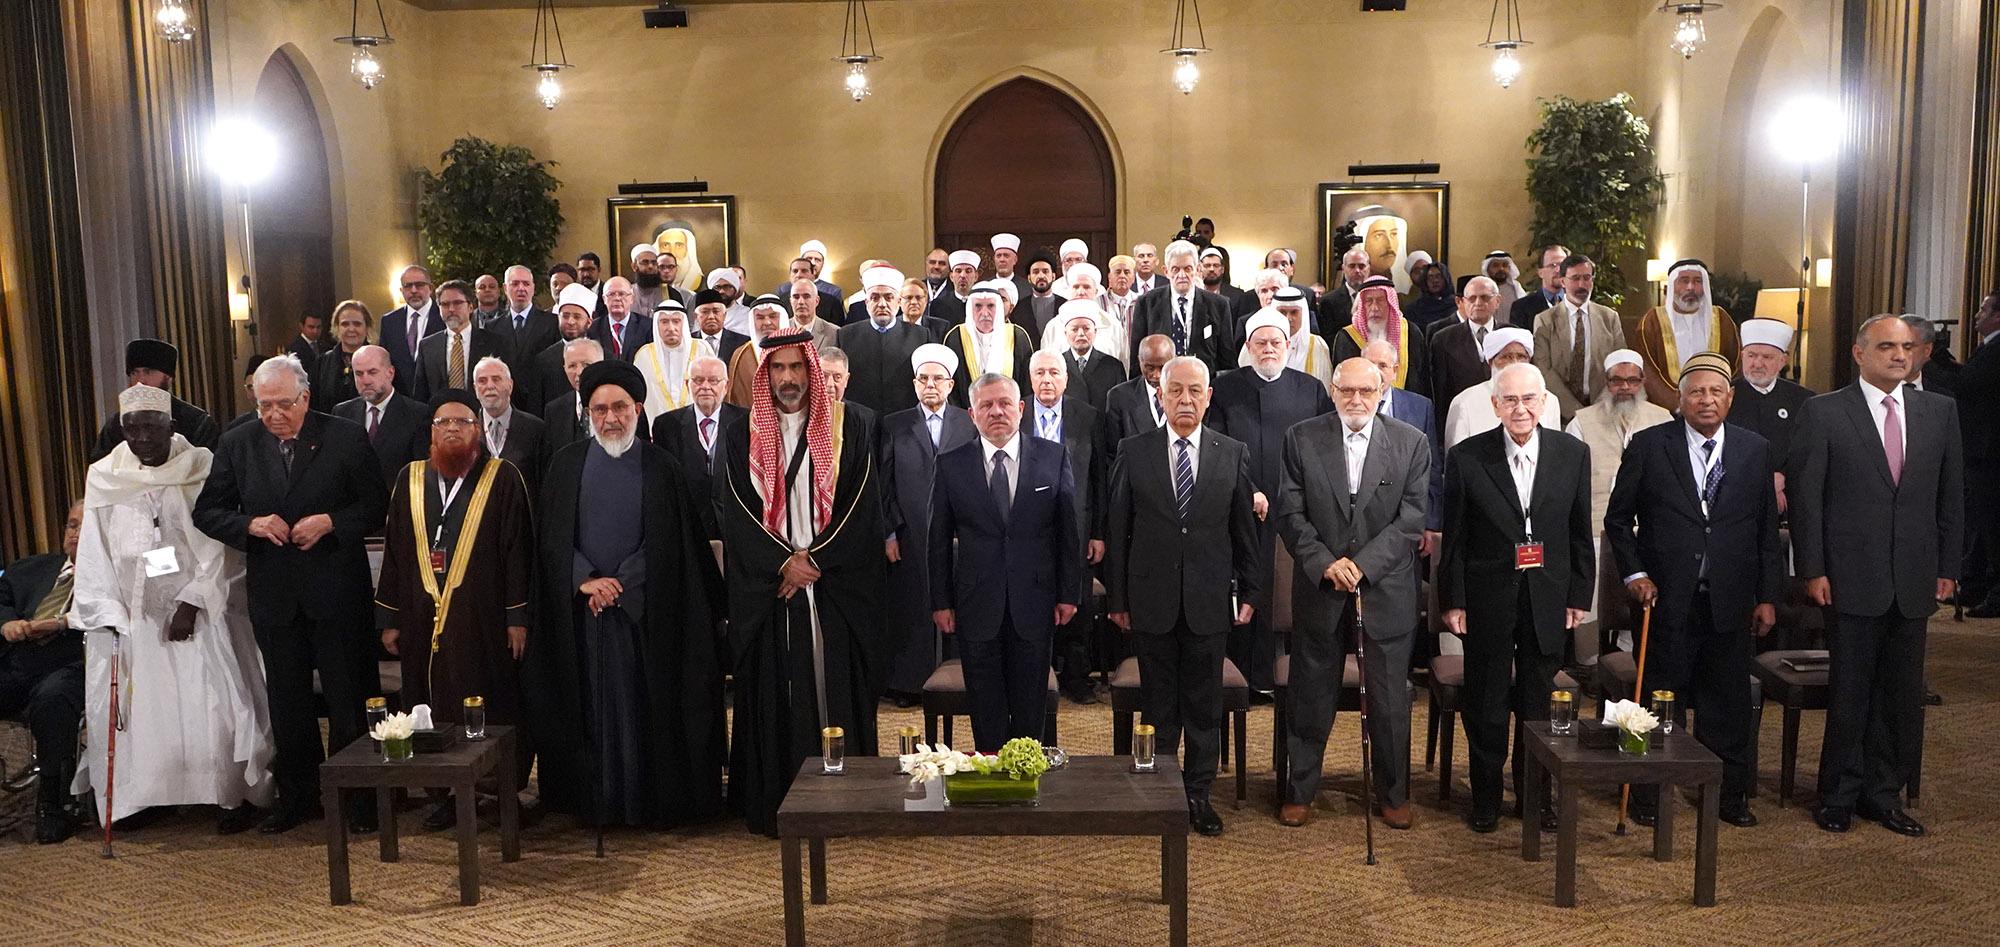 الملك يكرم قيادات مشاركة في المؤتمر العام لمؤسسة آل البيت